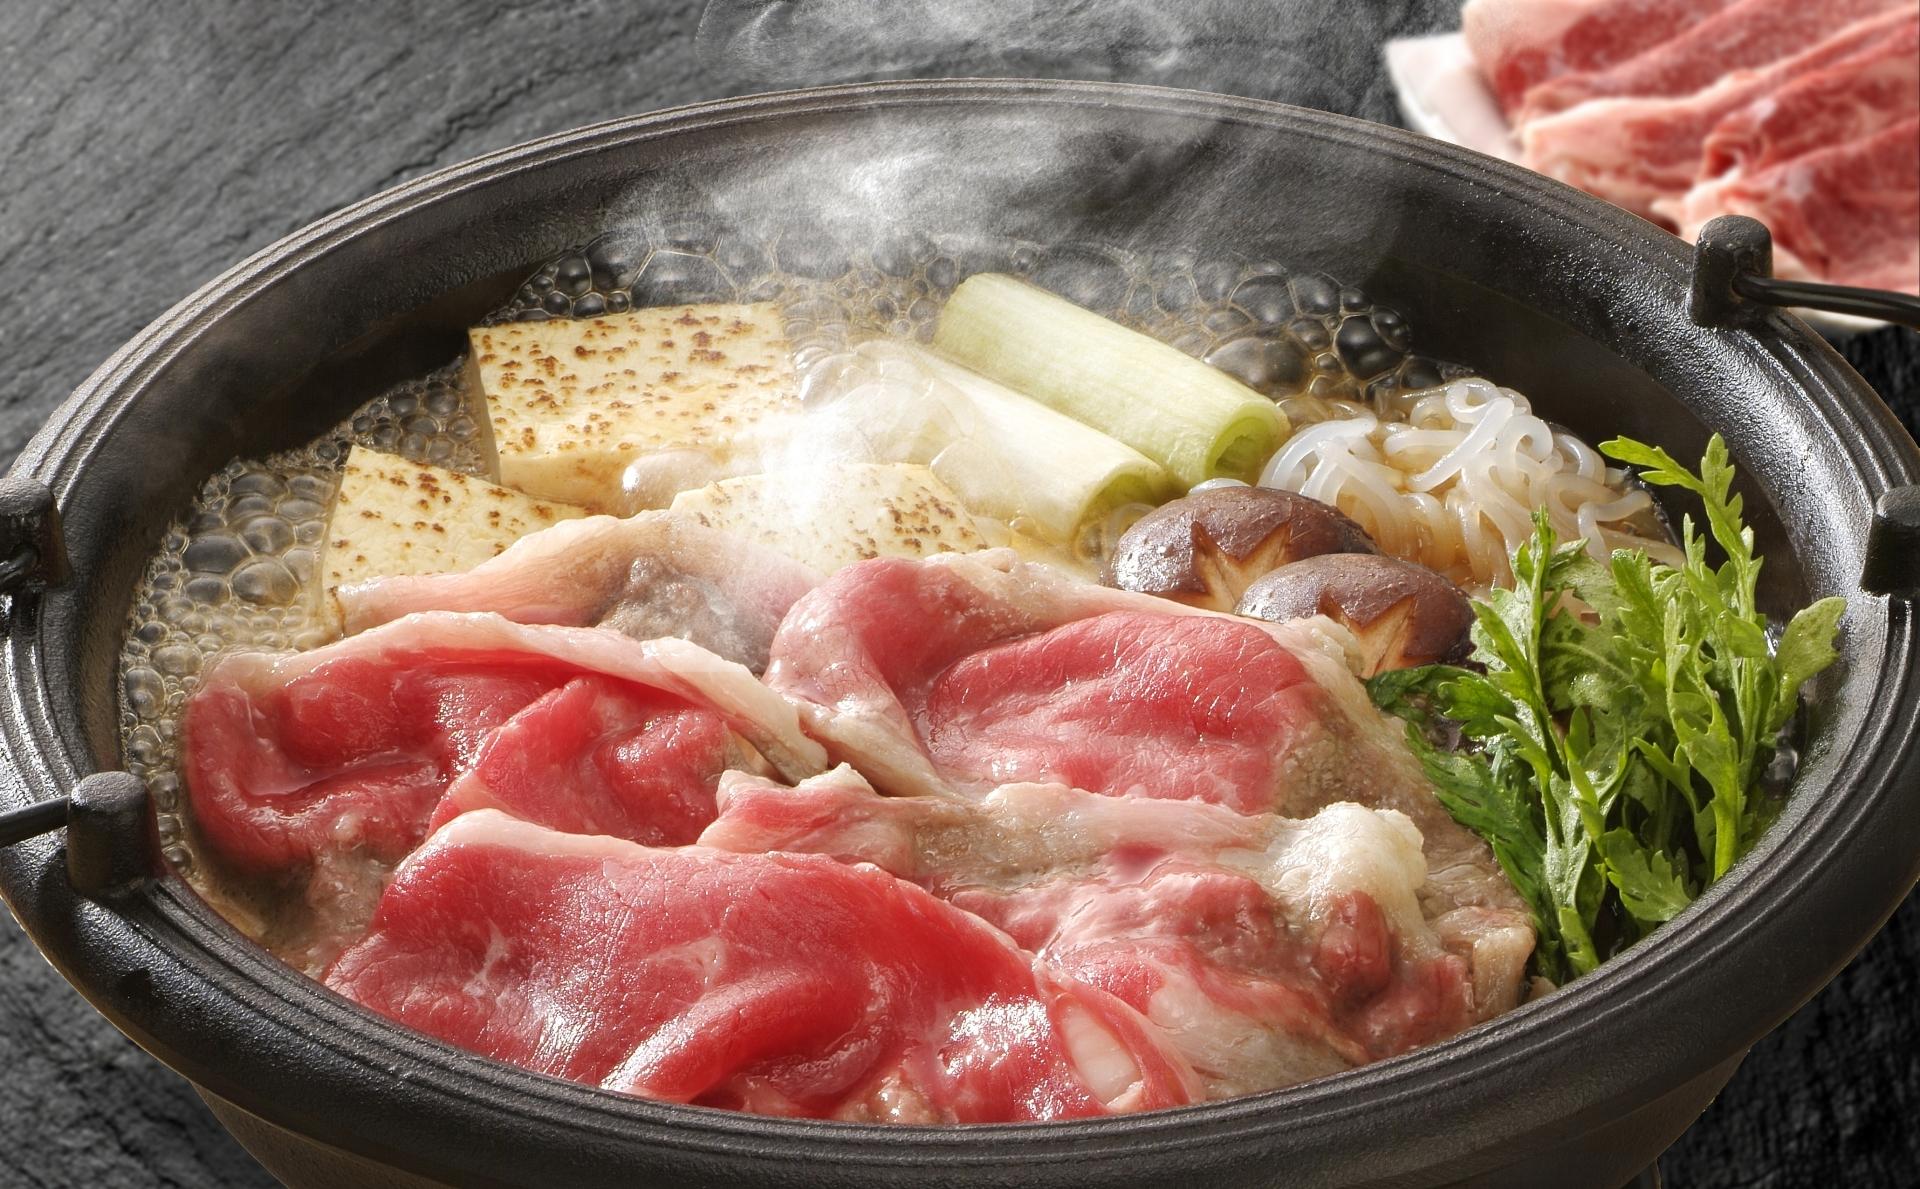 すき焼き鍋のおすすめ10選&選び方【高級な南部鉄器も】